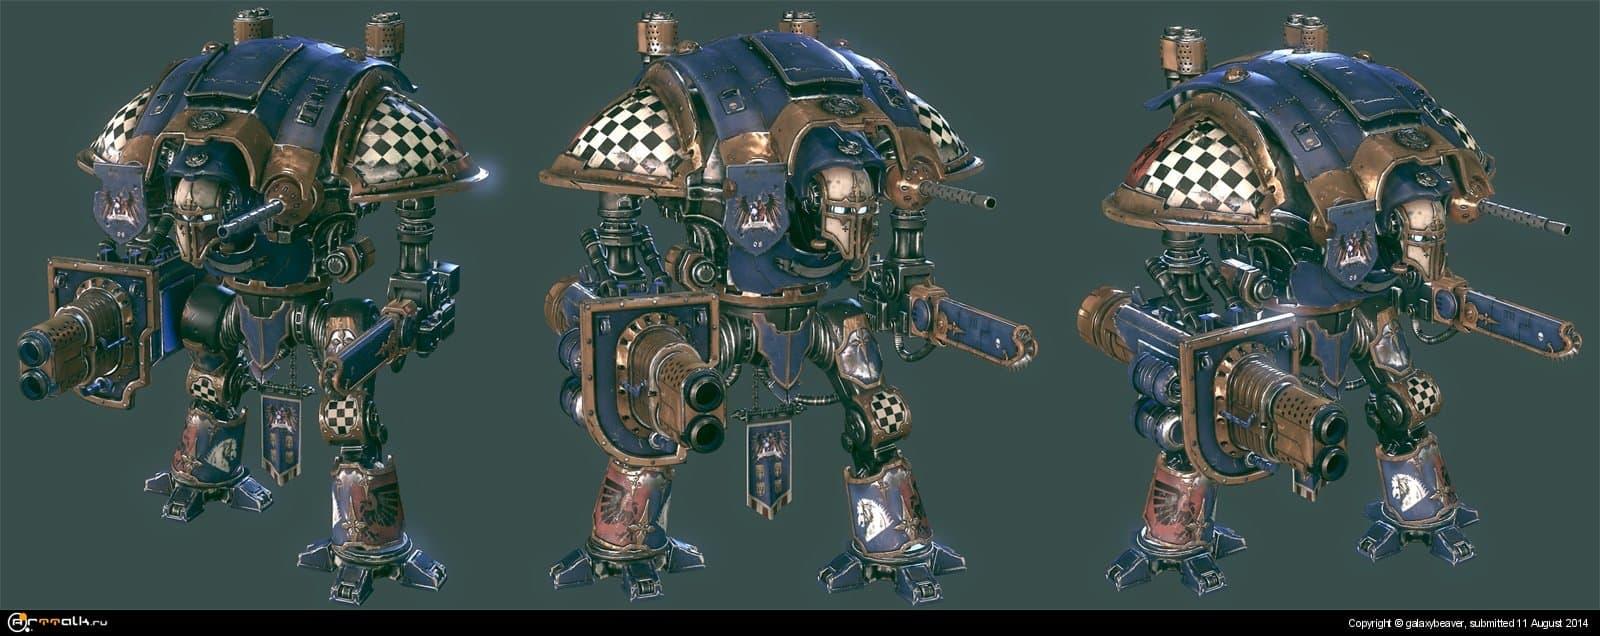 Warhammer40k Fan Art